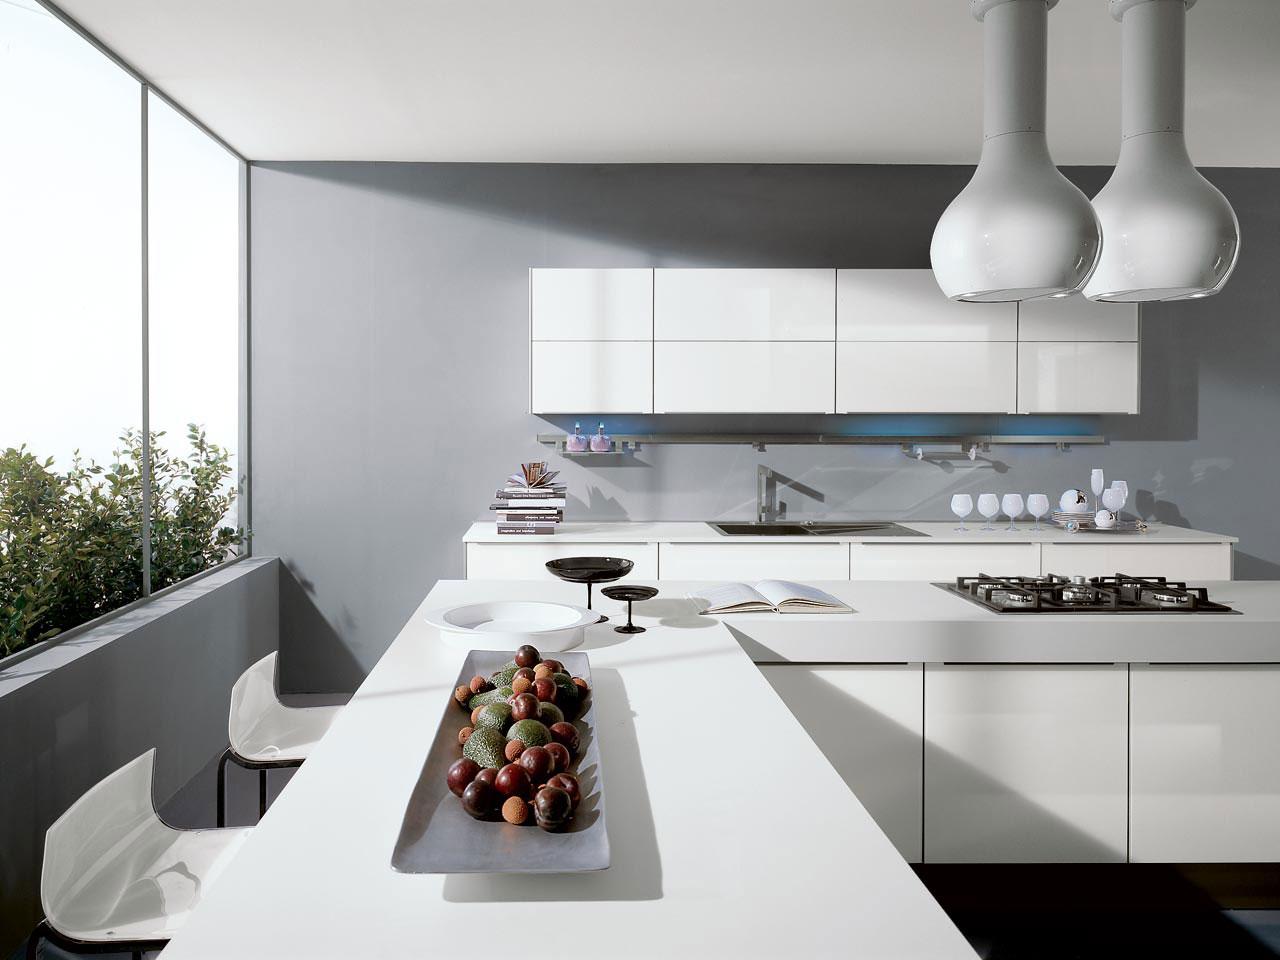 Cucine moderne lube modello fosca perego arredamenti for Arredamenti perego